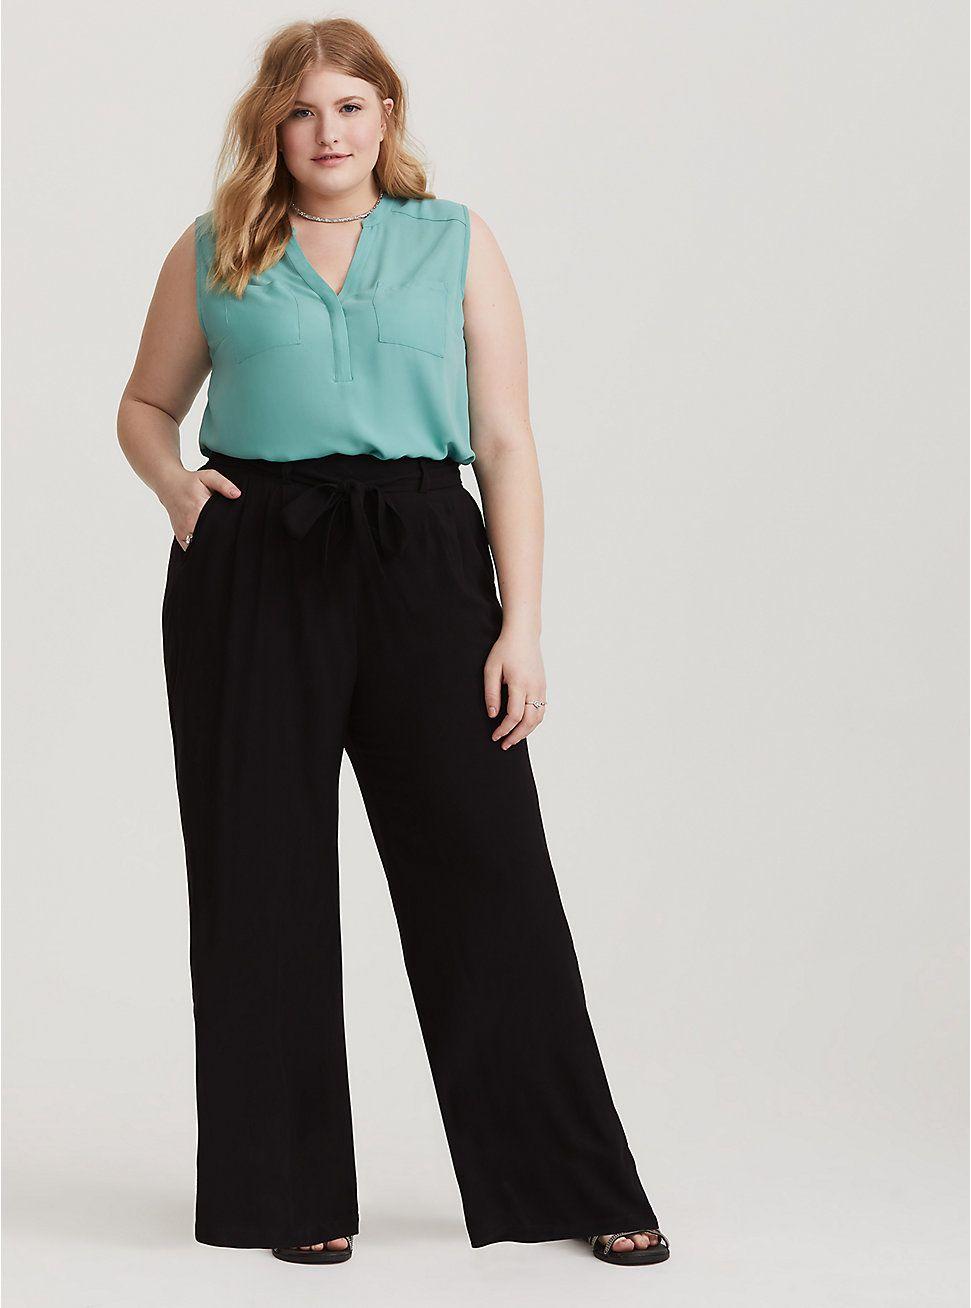 Tie Waist Wide Leg Pant Black Challis Wide Leg Trousers Outfit Wide Leg Pants Outfit Plus Size Business Attire